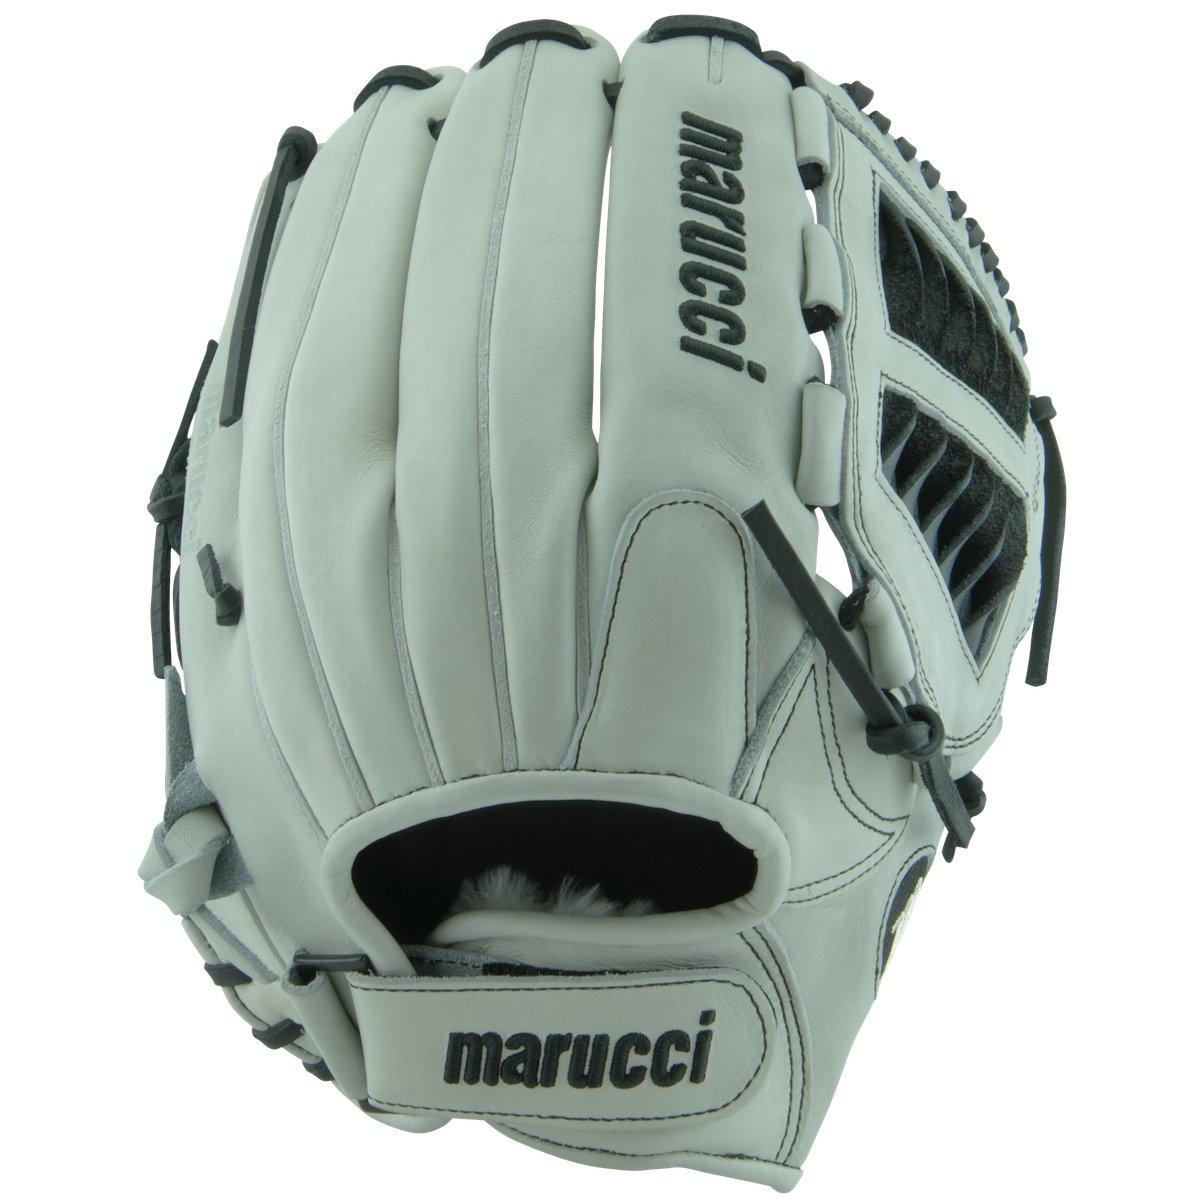 Marucci 12